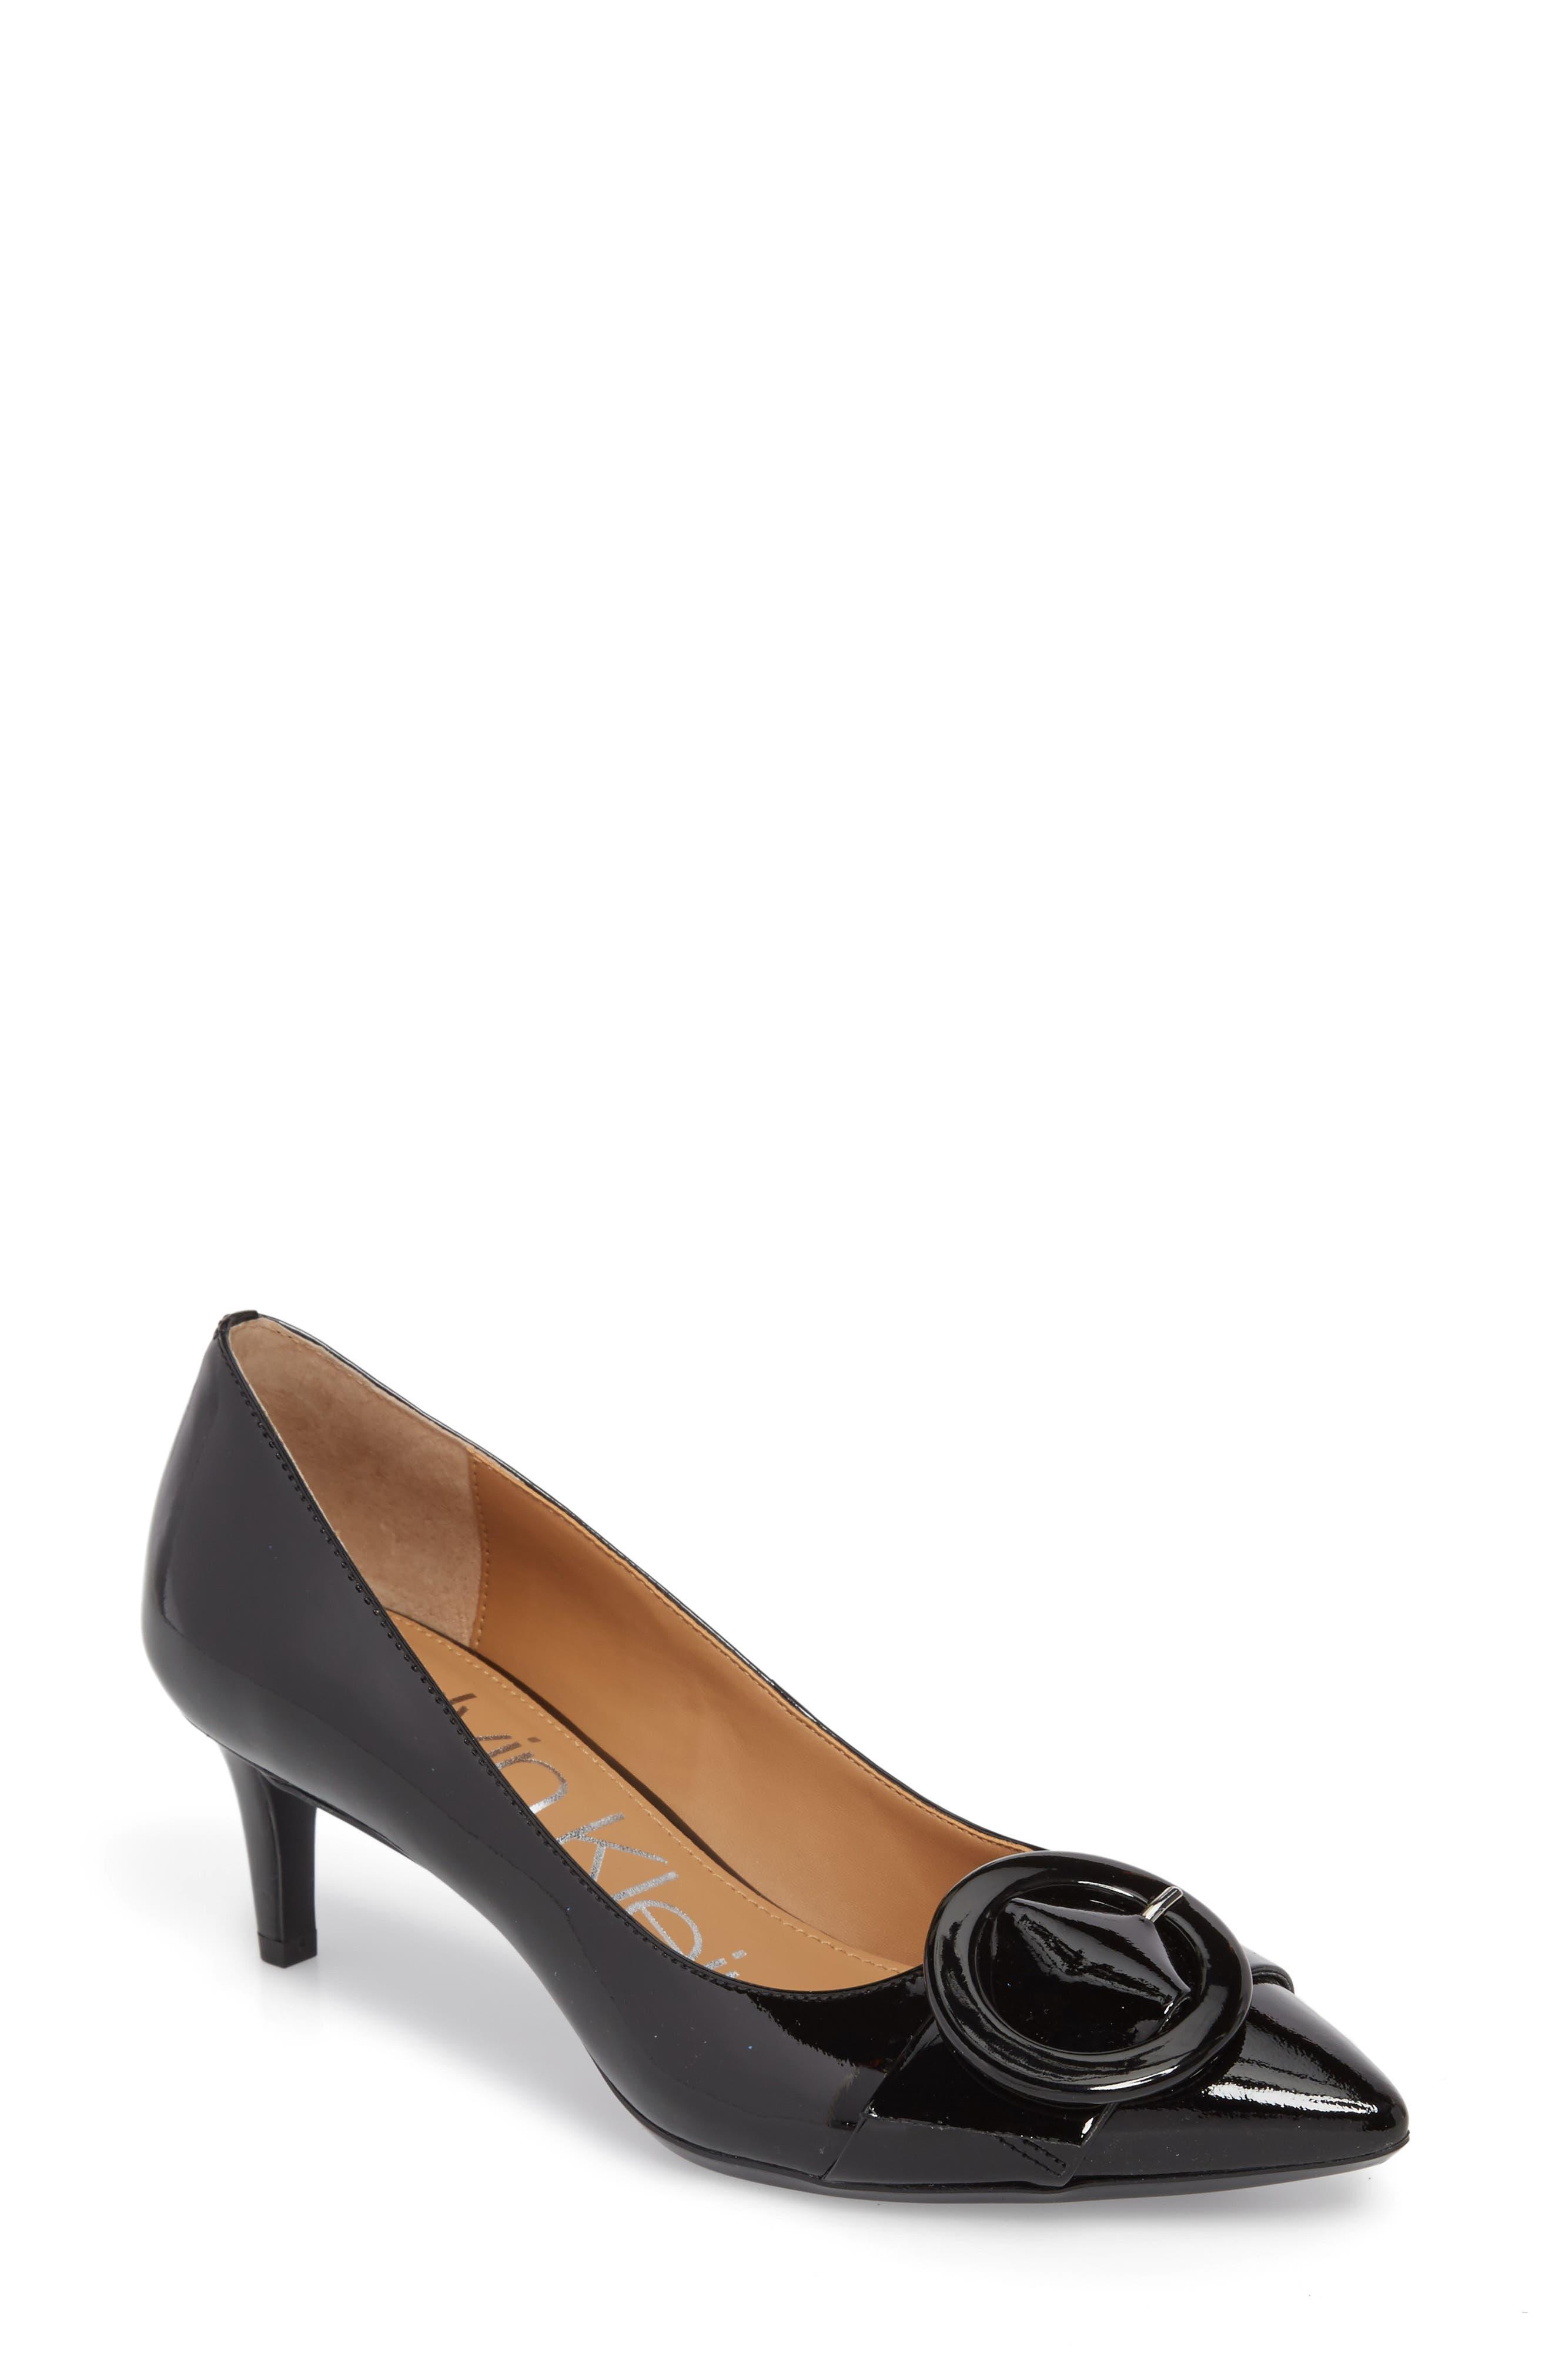 Pavie Pump,                         Main,                         color, Black Leather